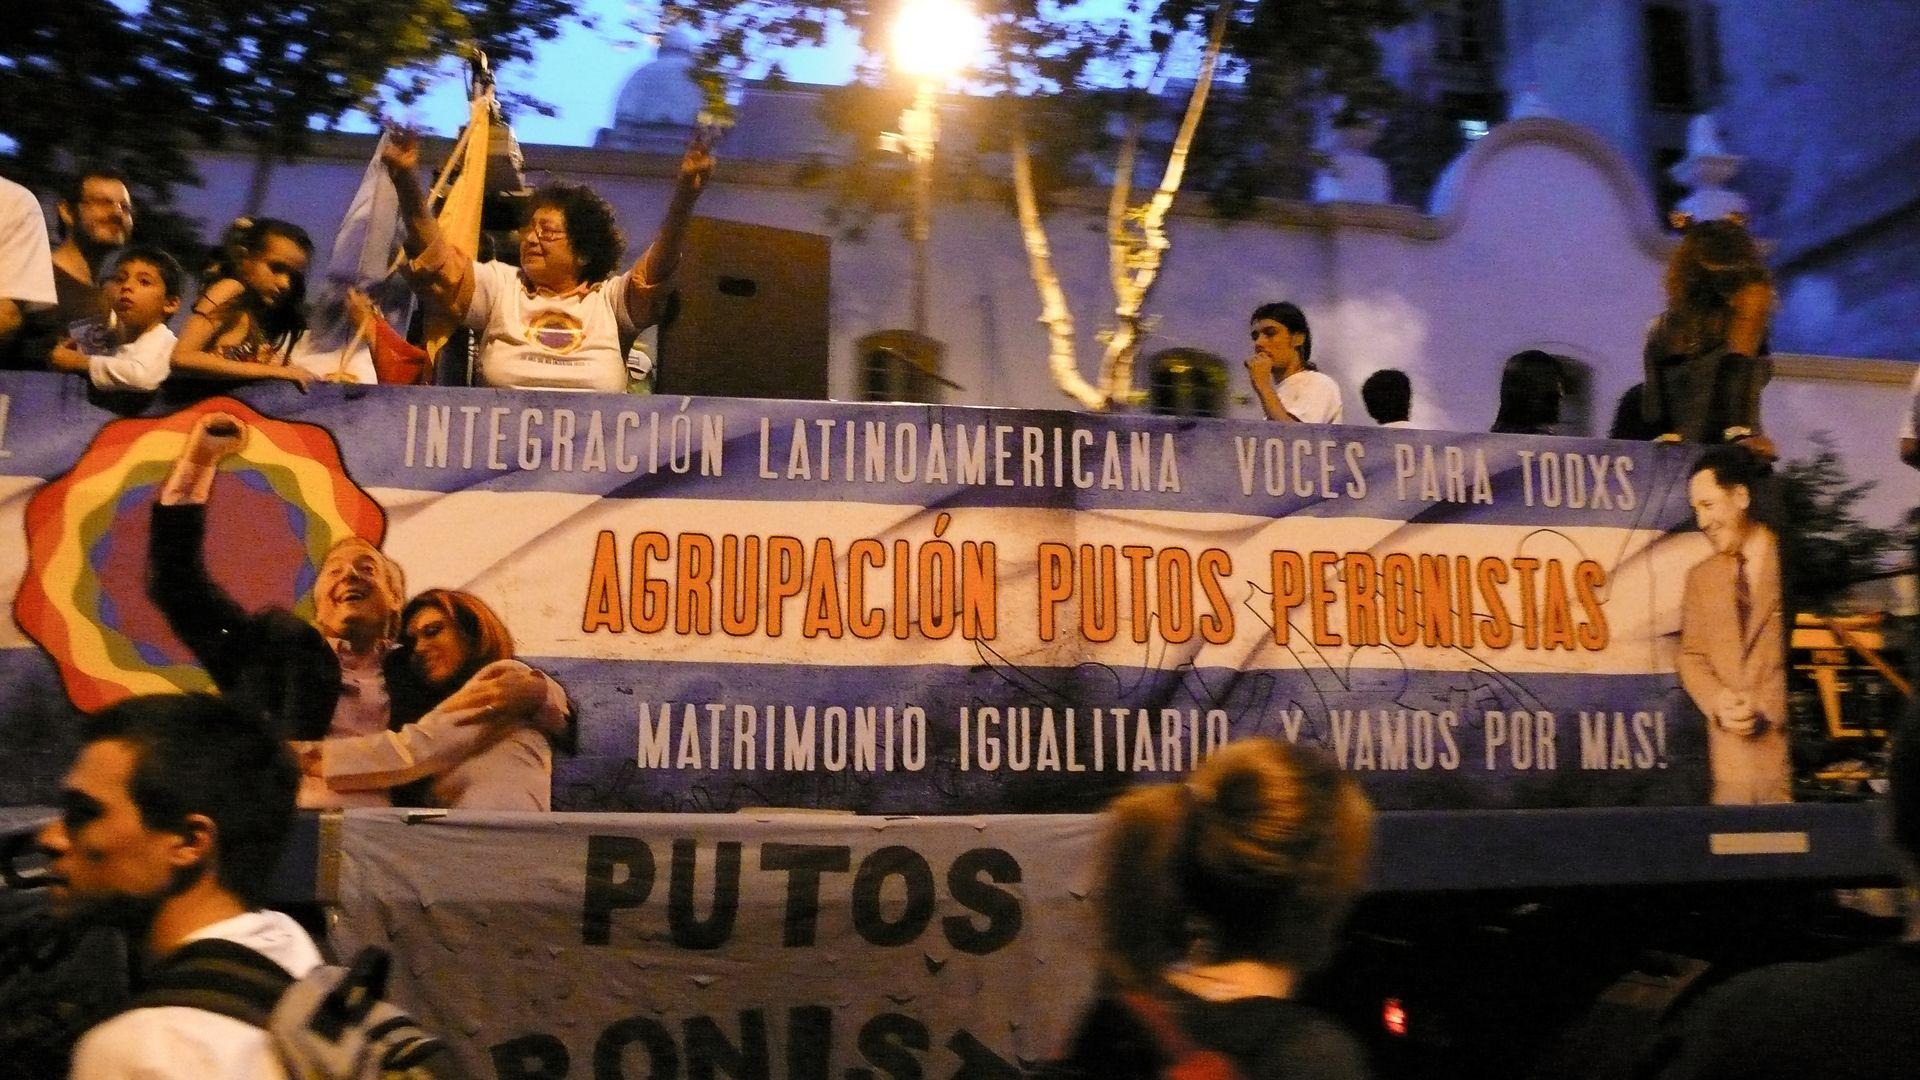 putos peronistas, carteles graciosos, agrupación putos peronistas, peronistas, argentina